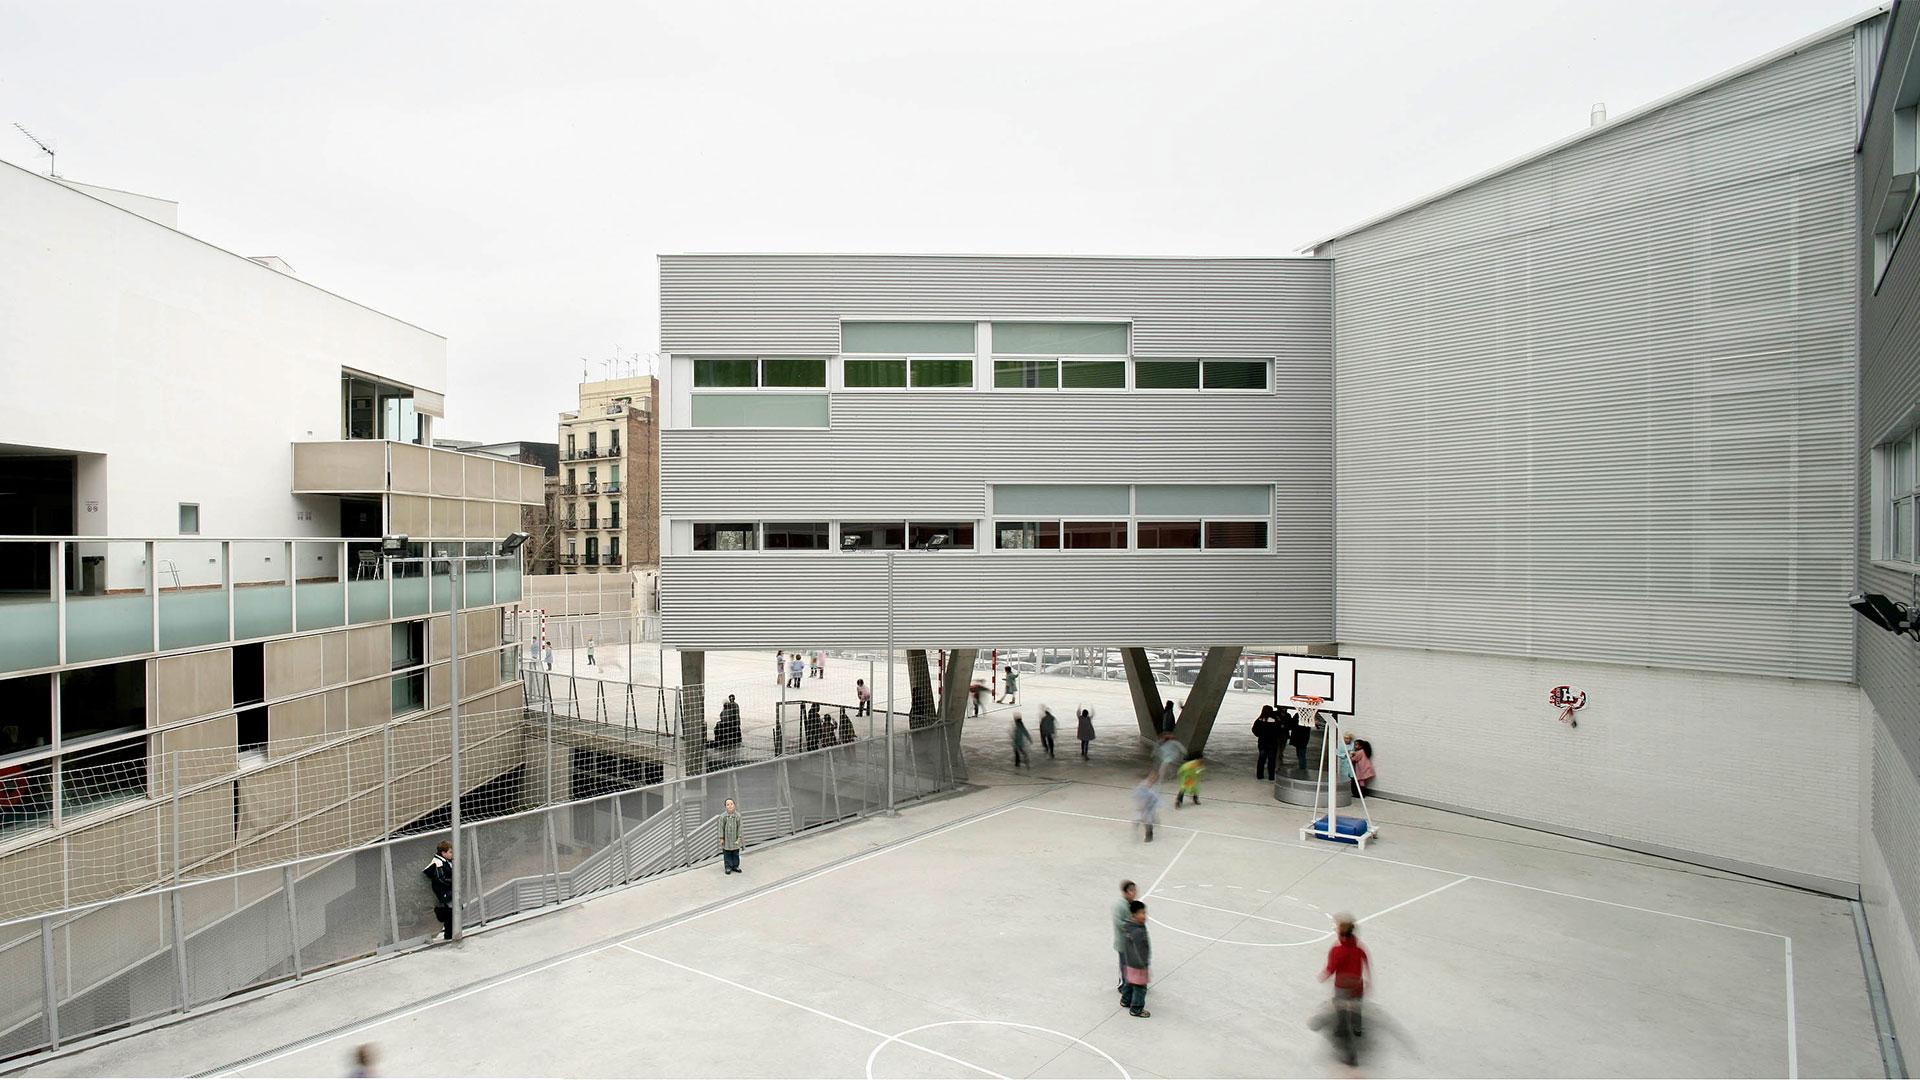 Escuela El Tren de Fort Pienc en Barcelona